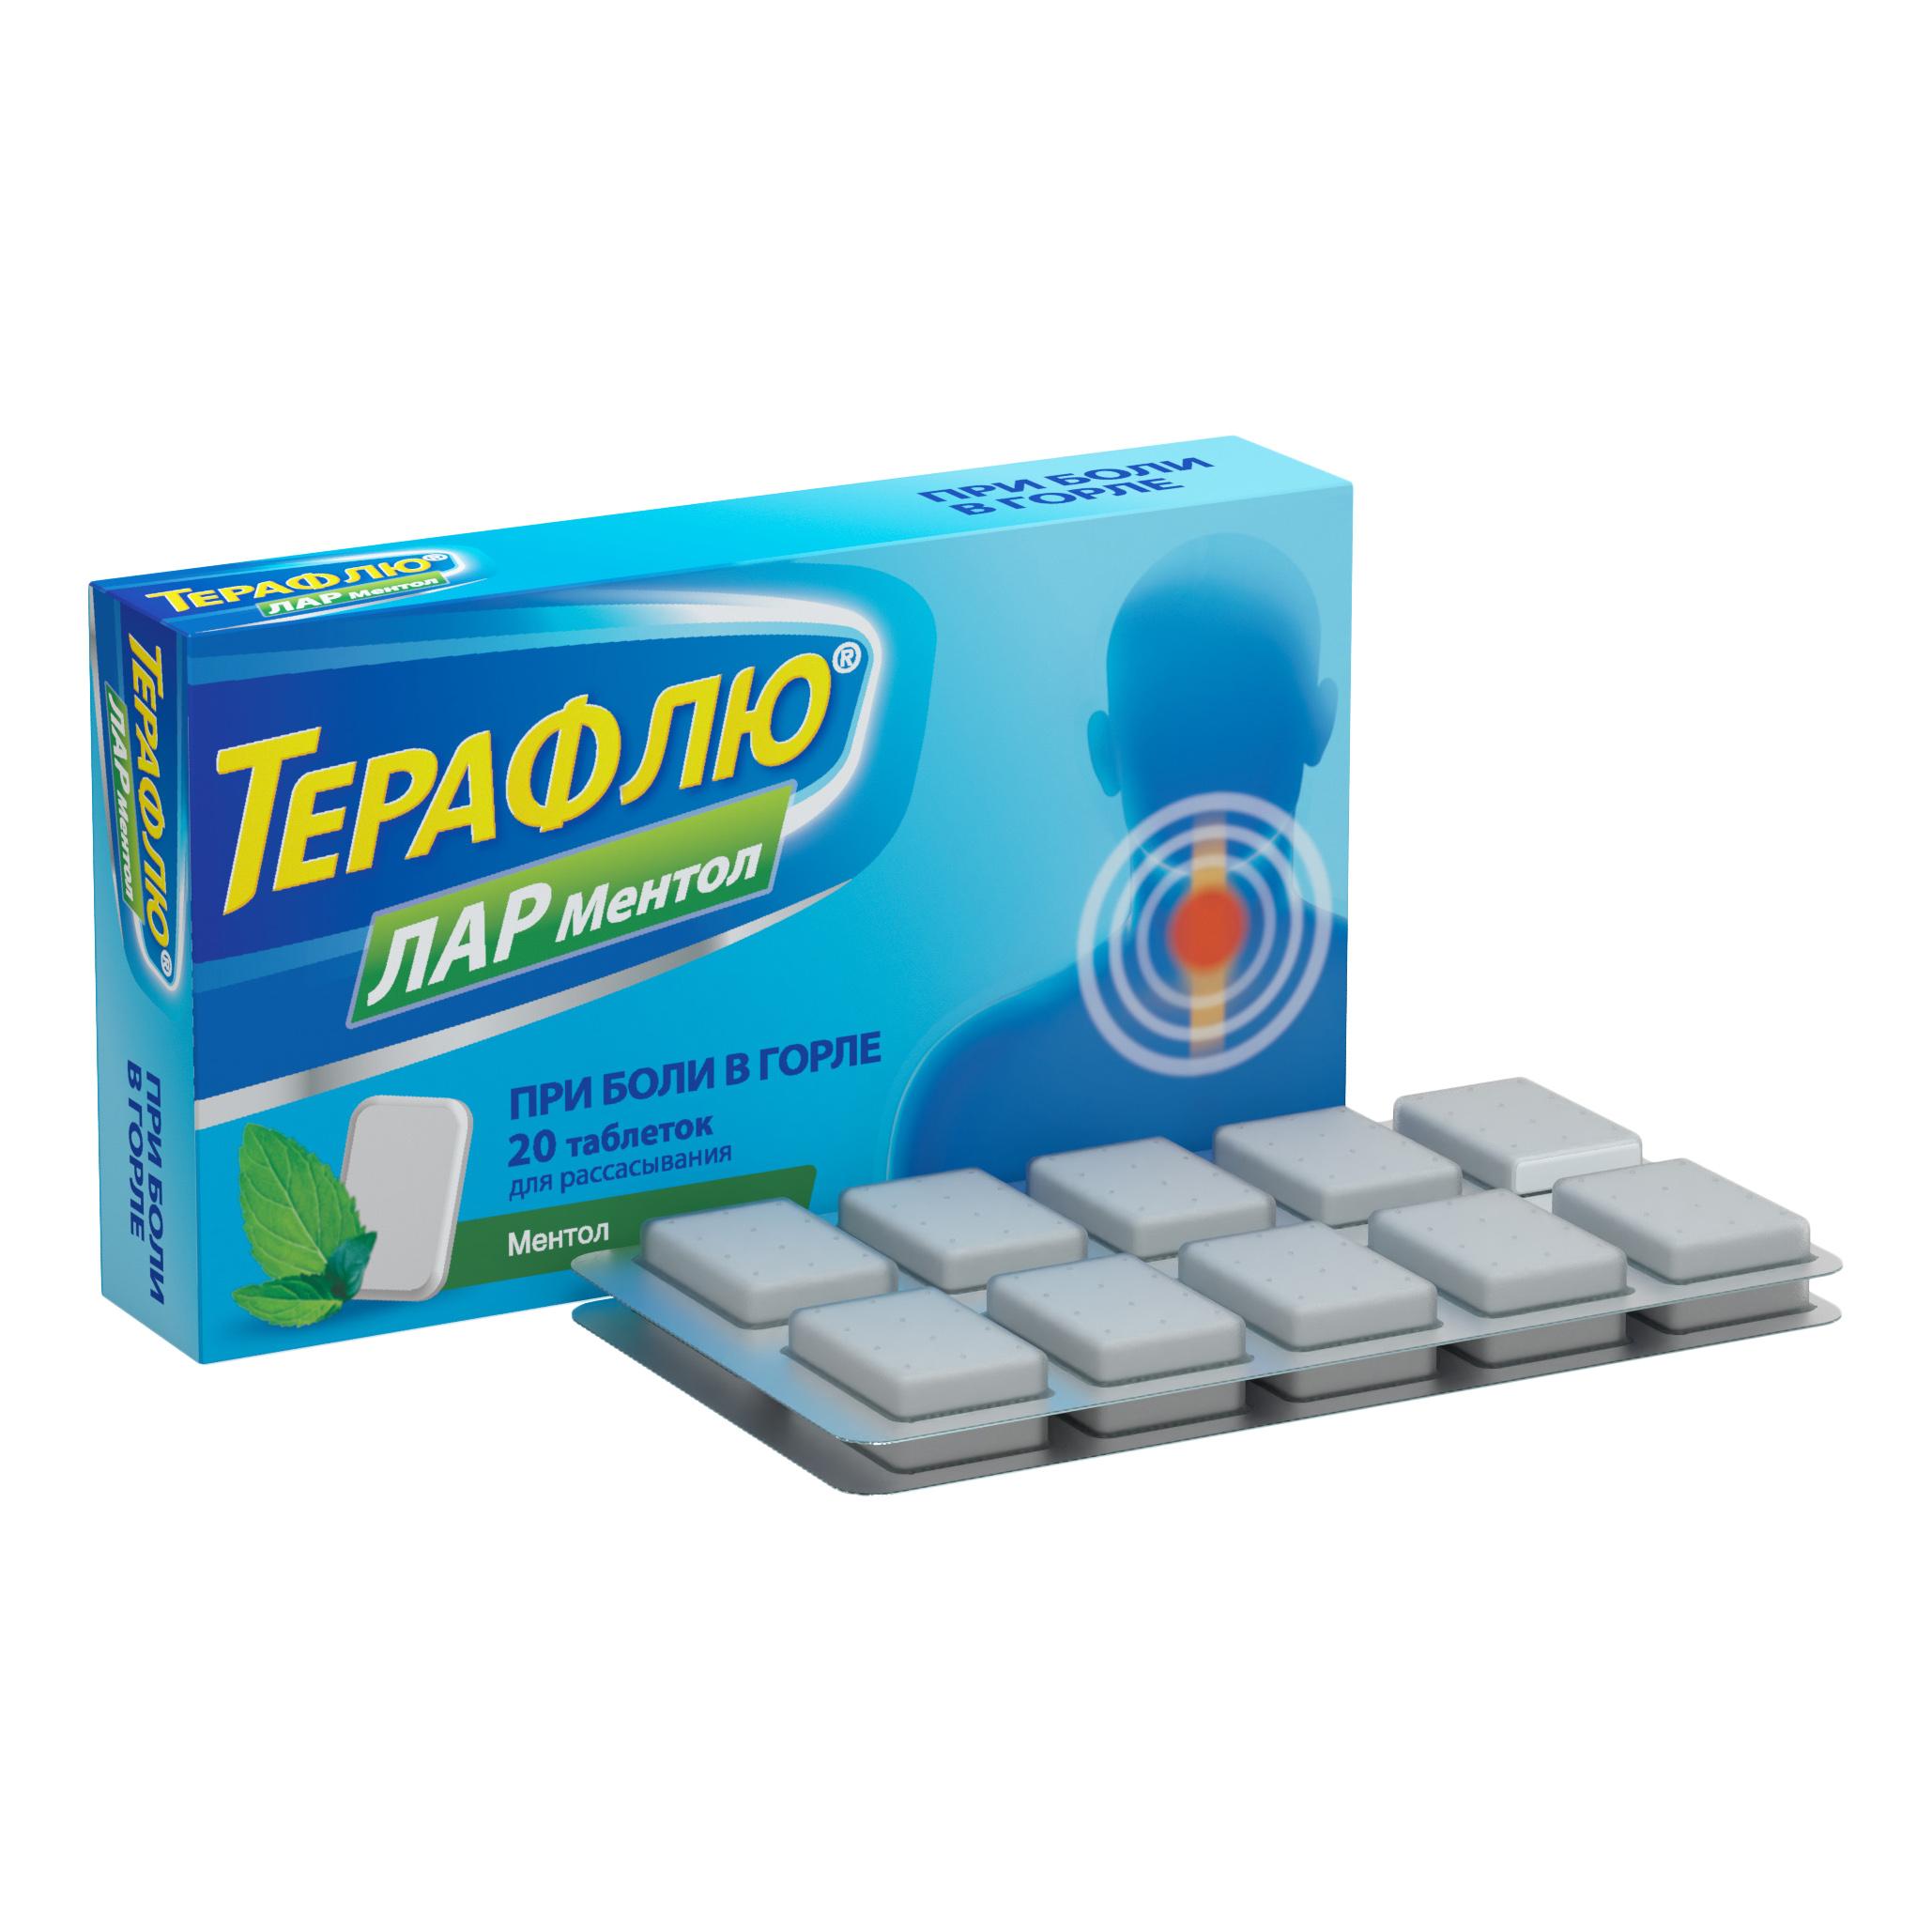 ТераФлю ЛАР таблетки для рассасывания со вкусом